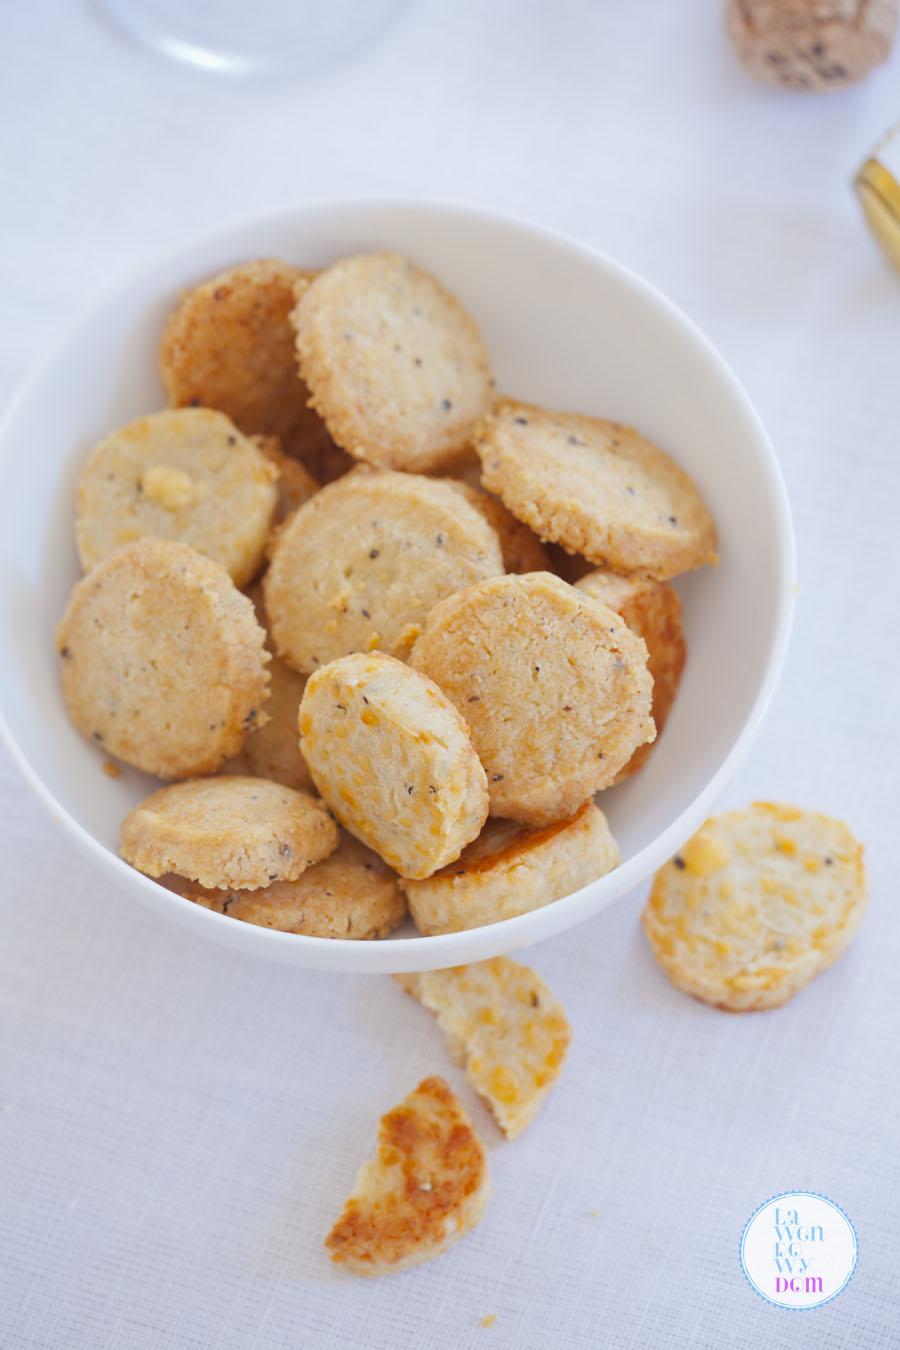 domowe-krakersy-serowe-przepis02